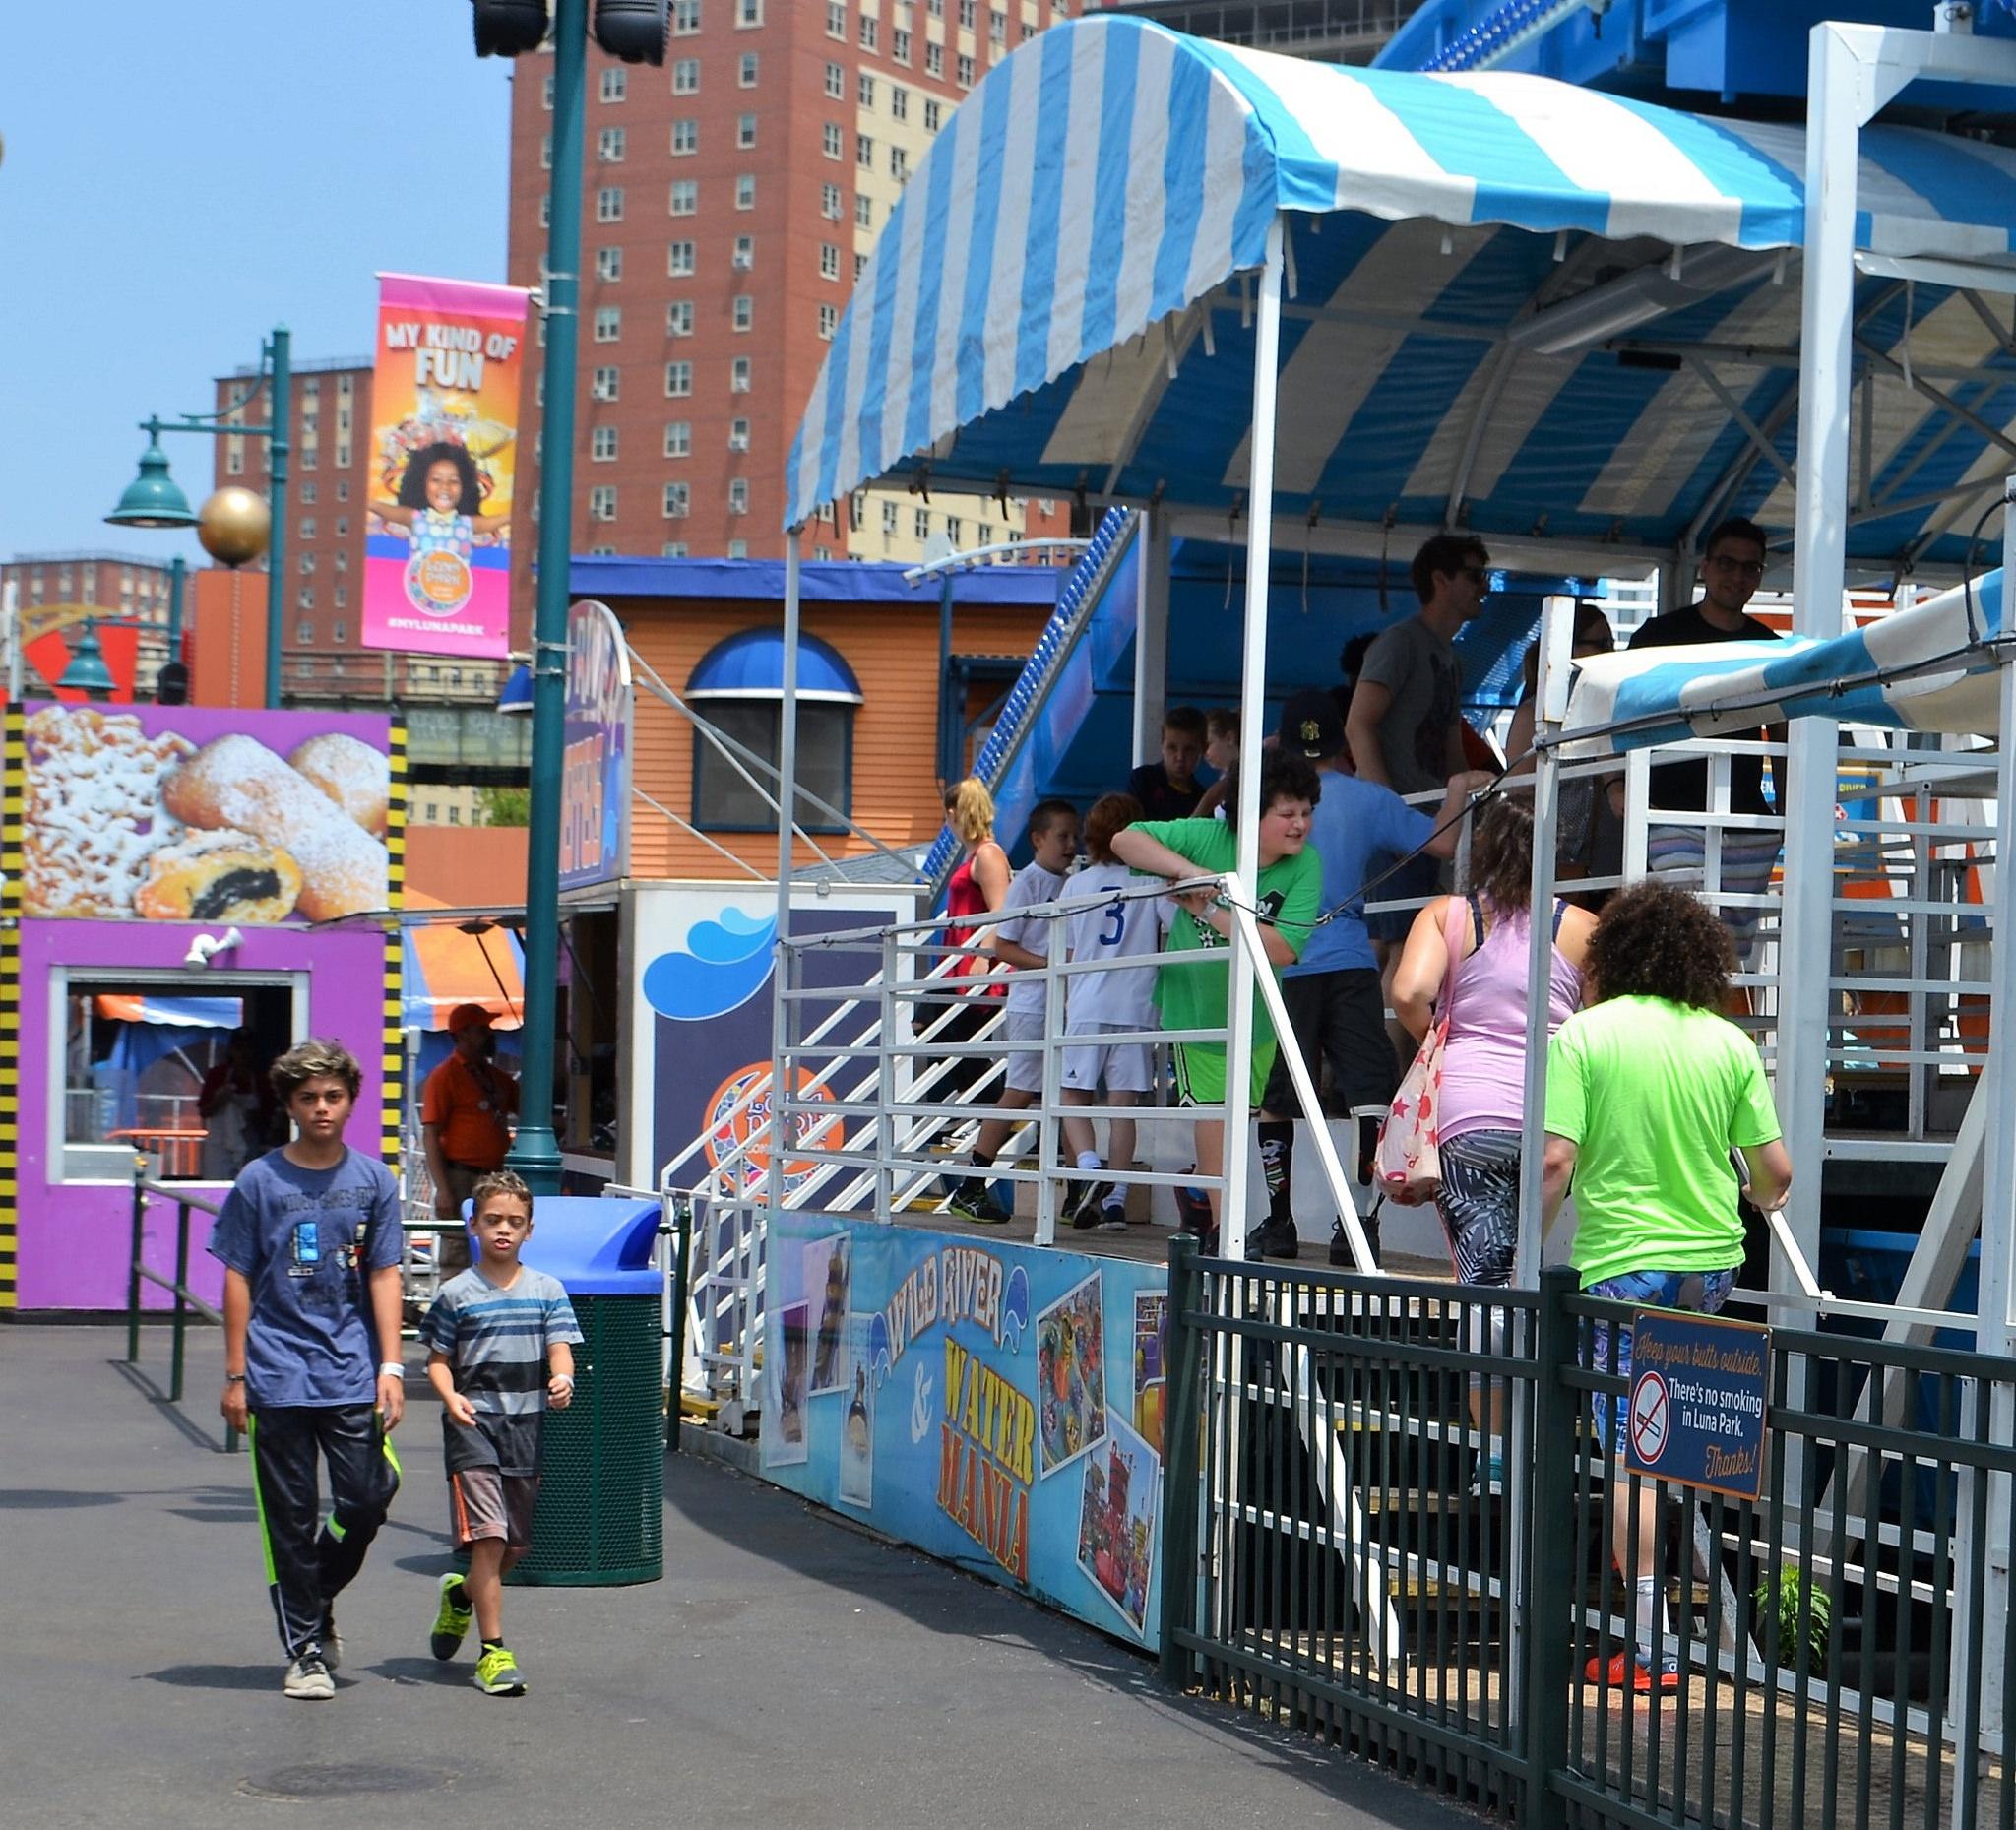 luna park kiddie rides in coney island